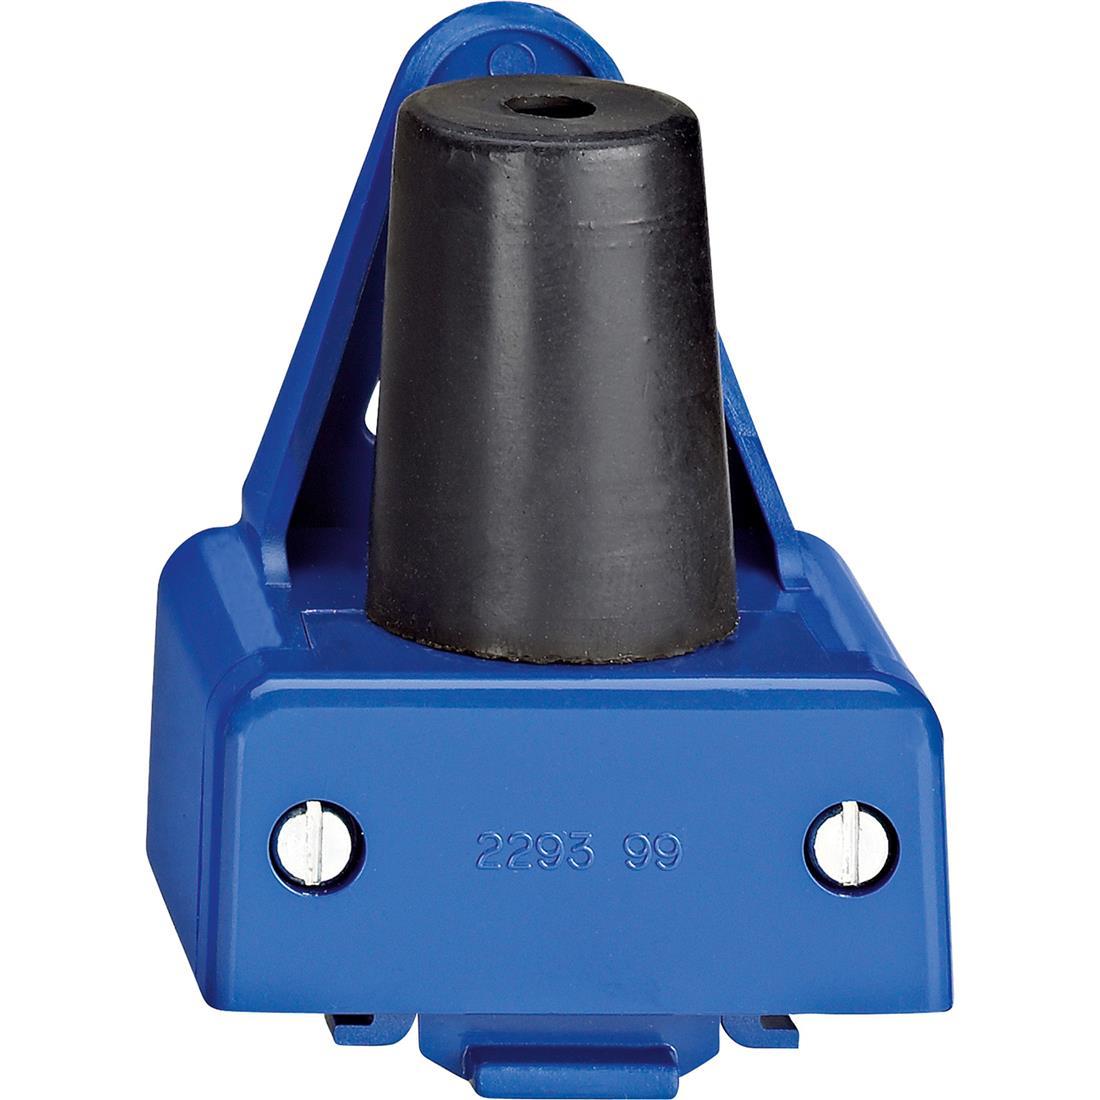 Schneider-Merten Slagvast ophangbeugel - blauw (229399)